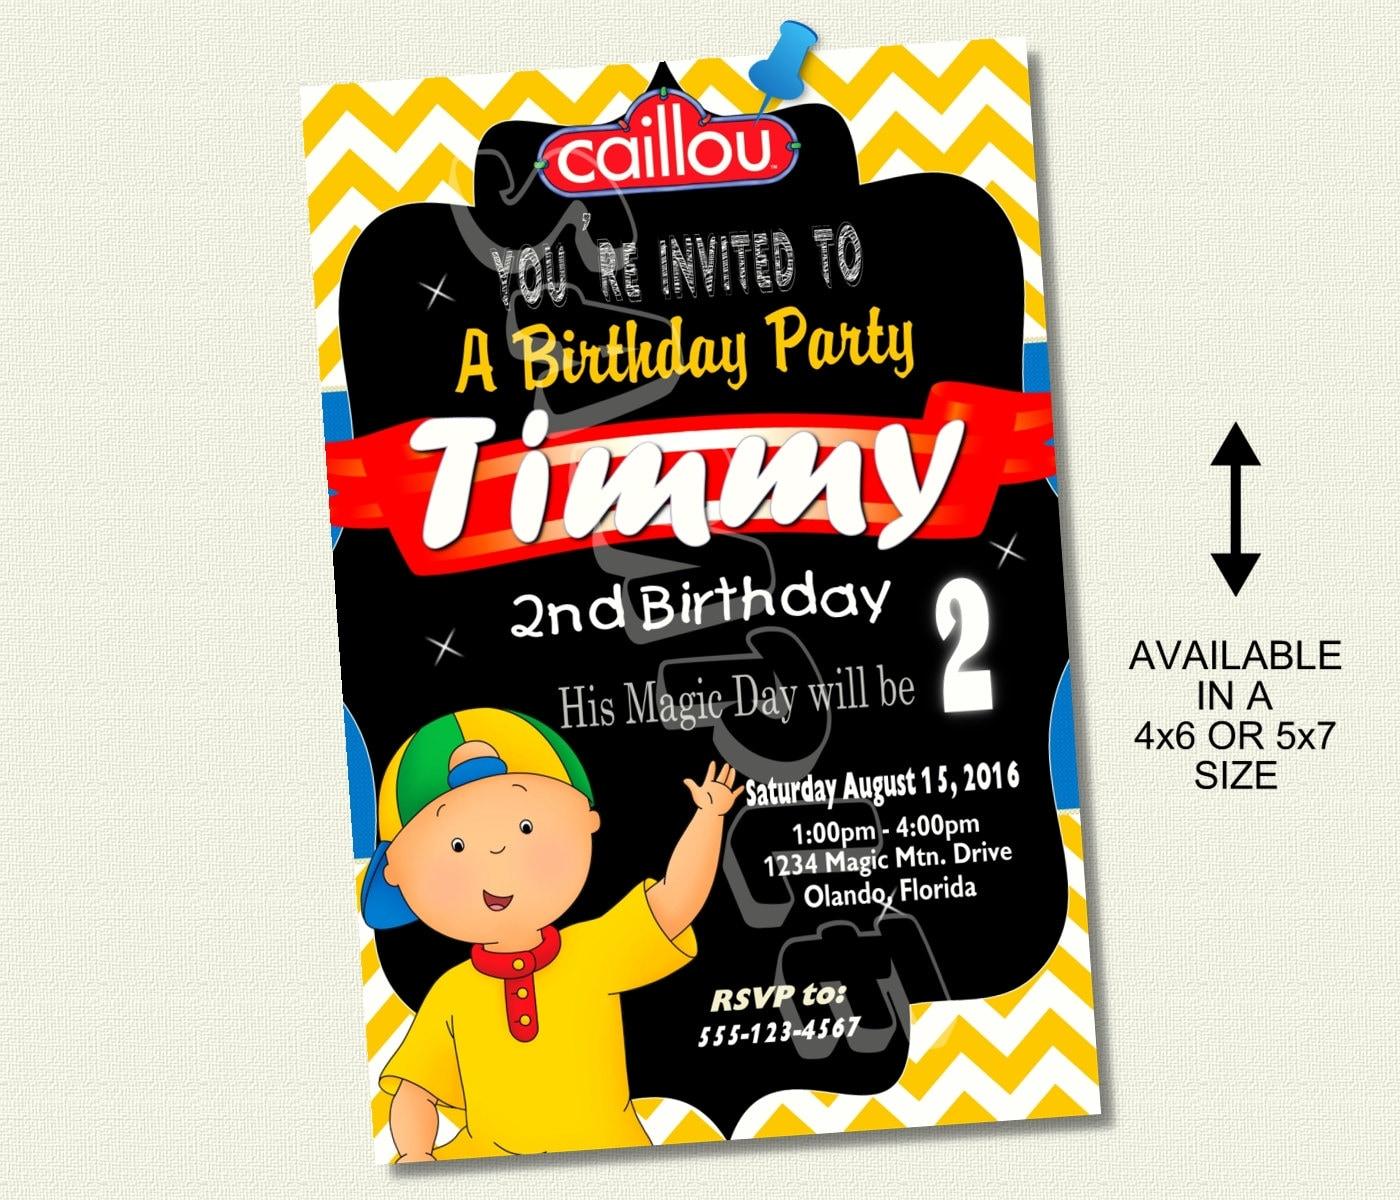 Caillou Birthday Invitation Invite Chalkboard Chevron Pattern